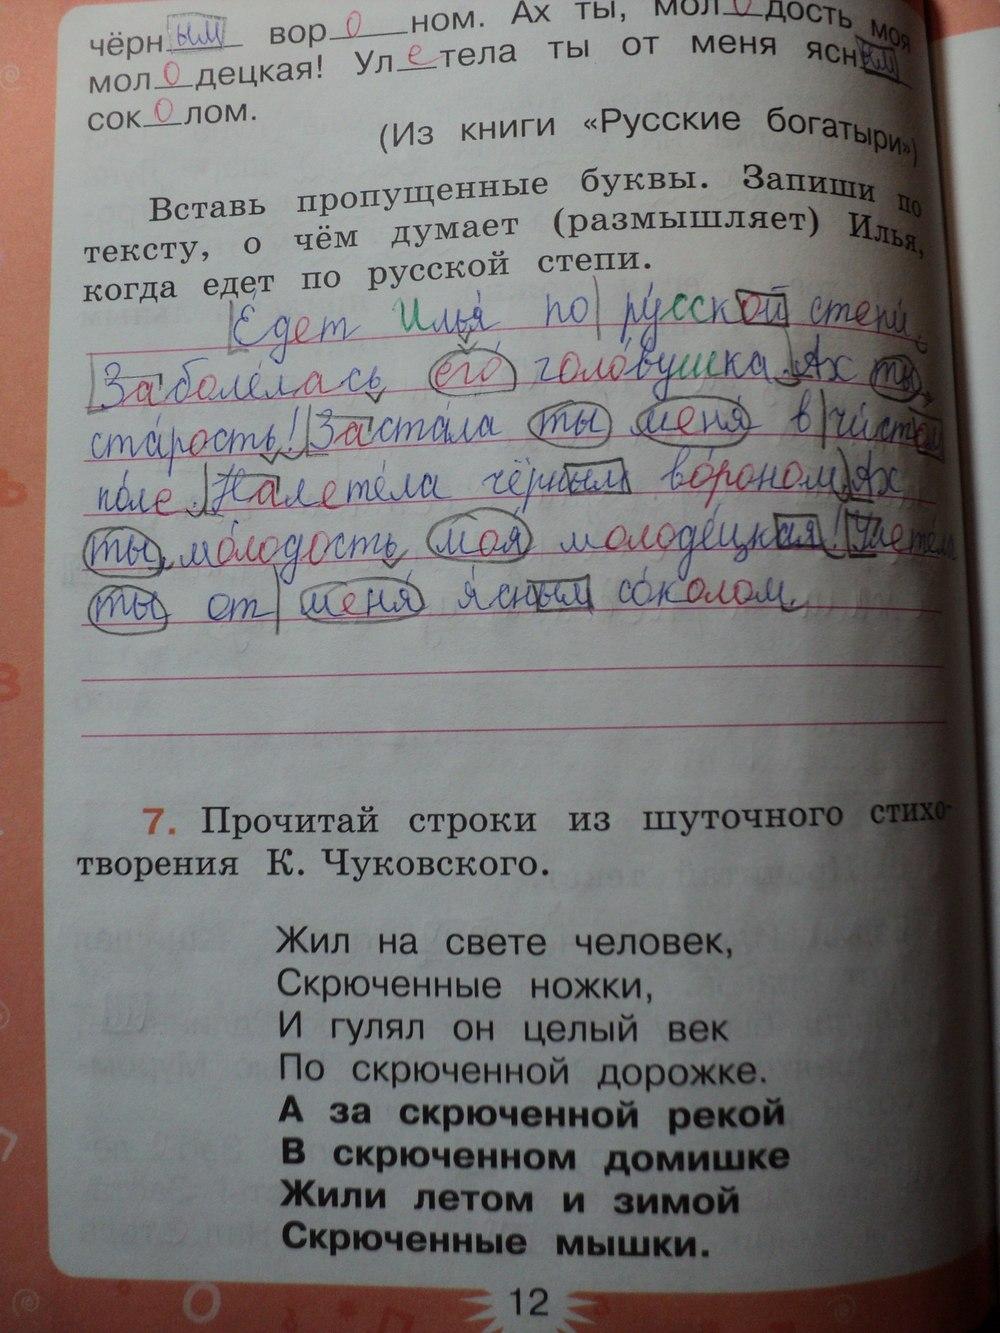 Дидактический материал по русскому языку 4 класс зеленина ответы на 46 упражнение